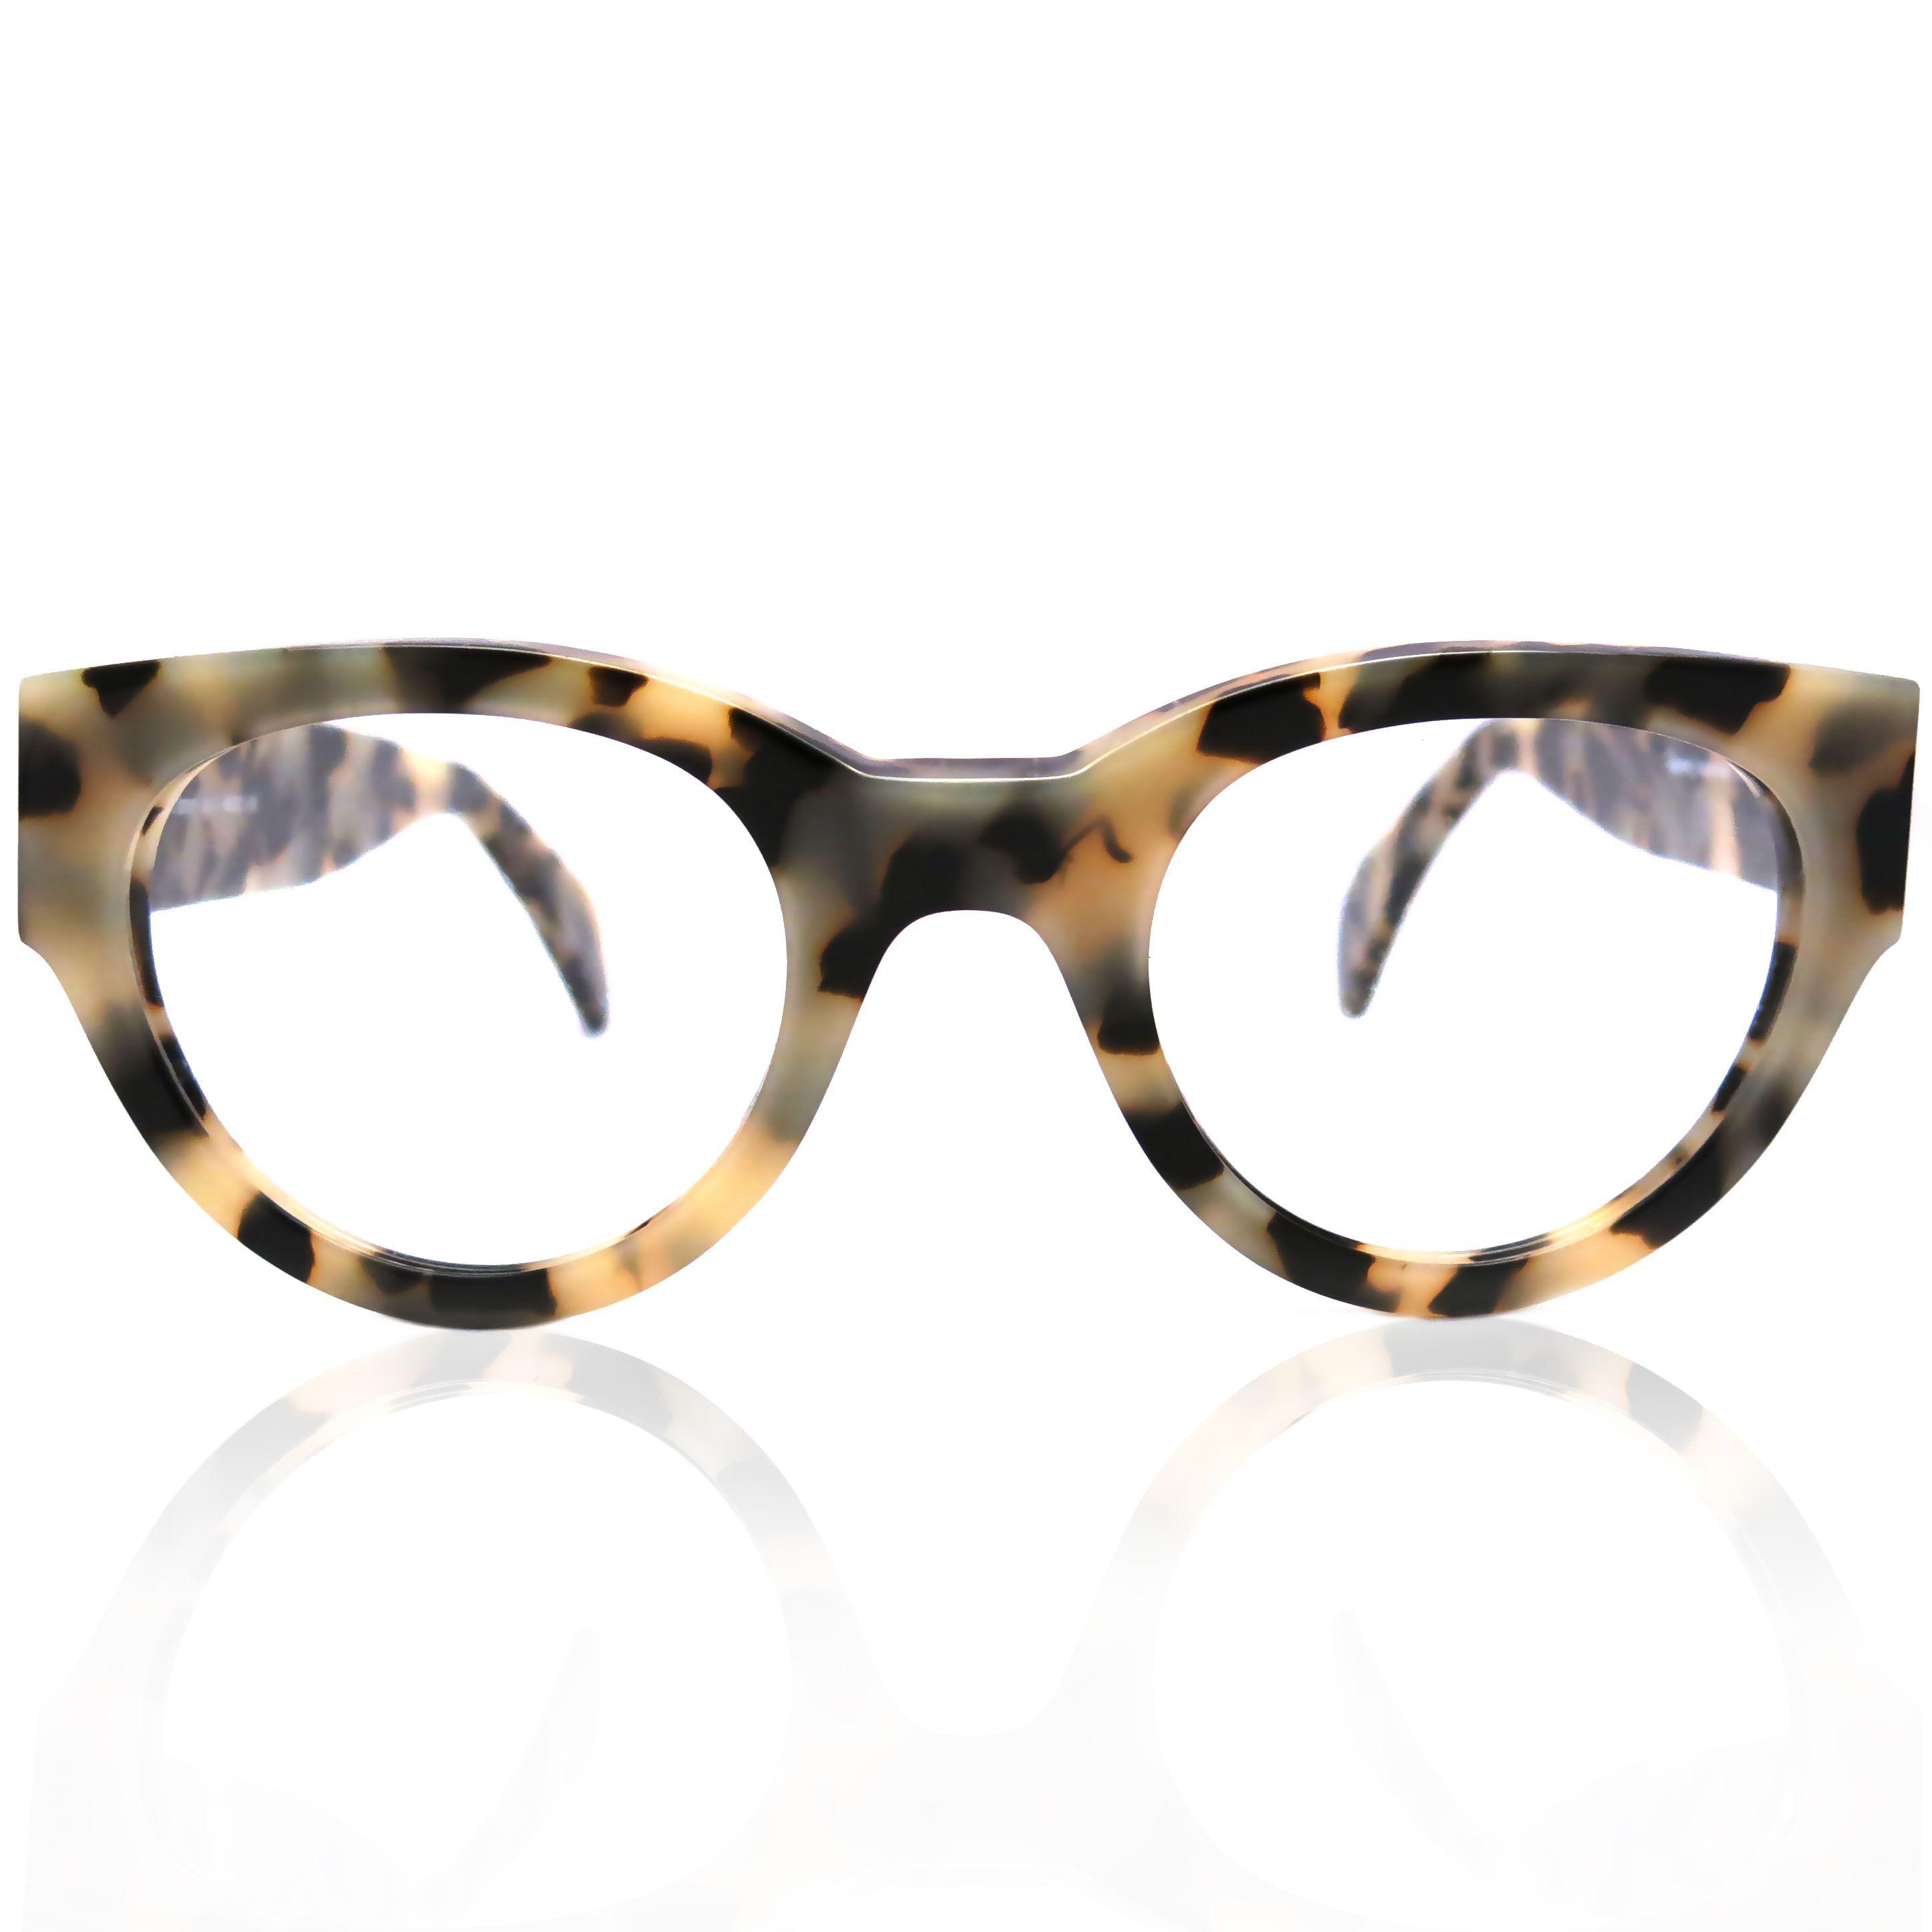 Flanery White Tortoise | illesteva | Specs | Pinterest | Tortoise ...